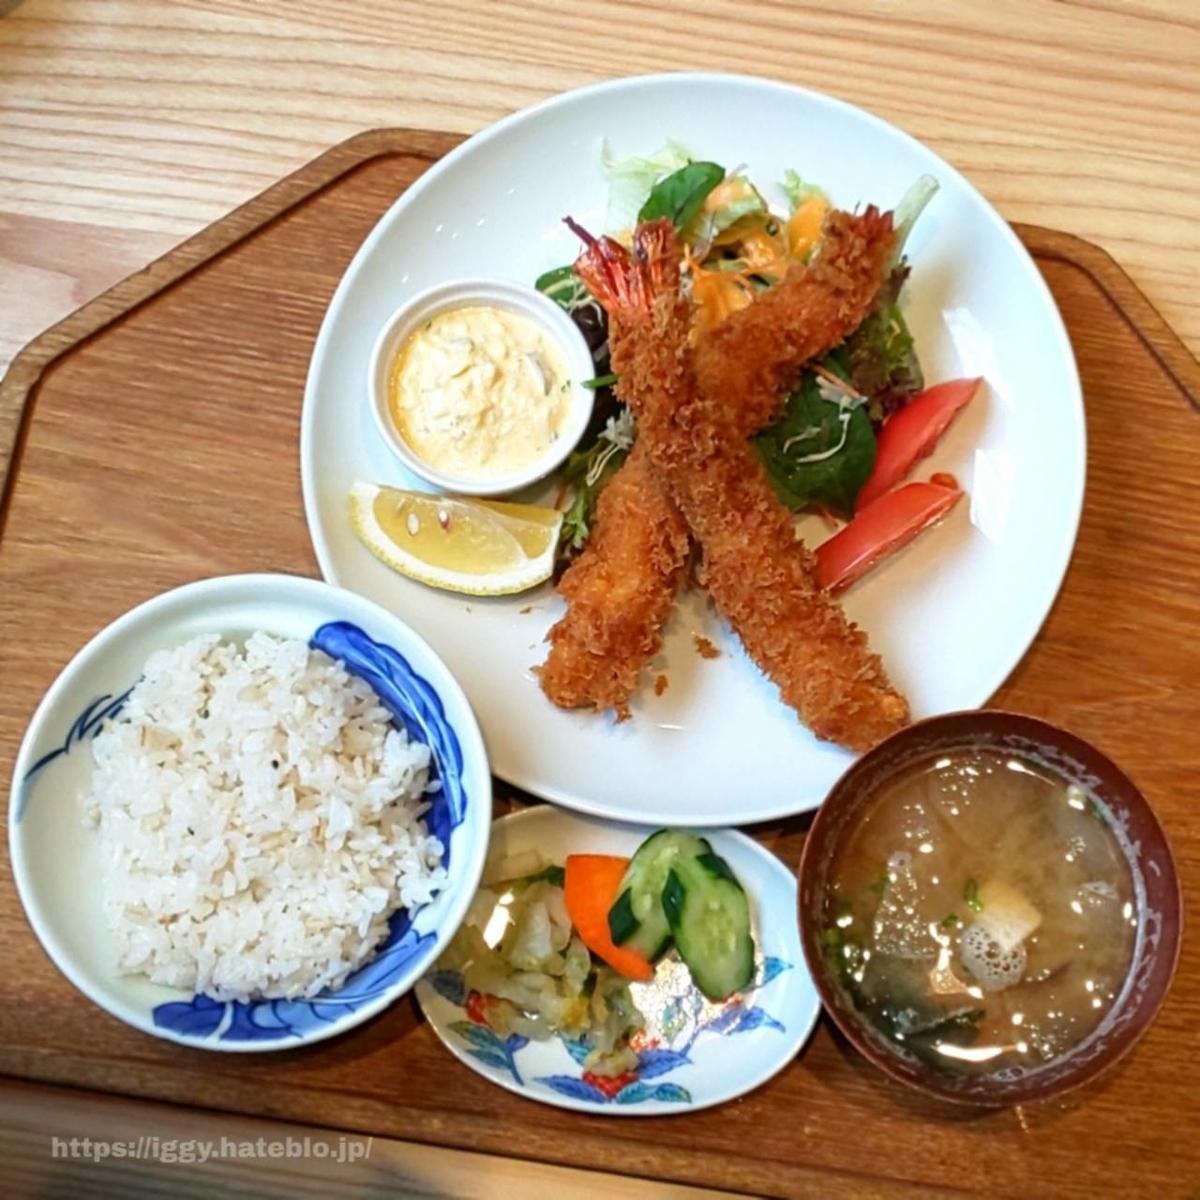 キッチンよい一日 ランチ メニュー 値段 大海老フライ定食 感想 レビュー